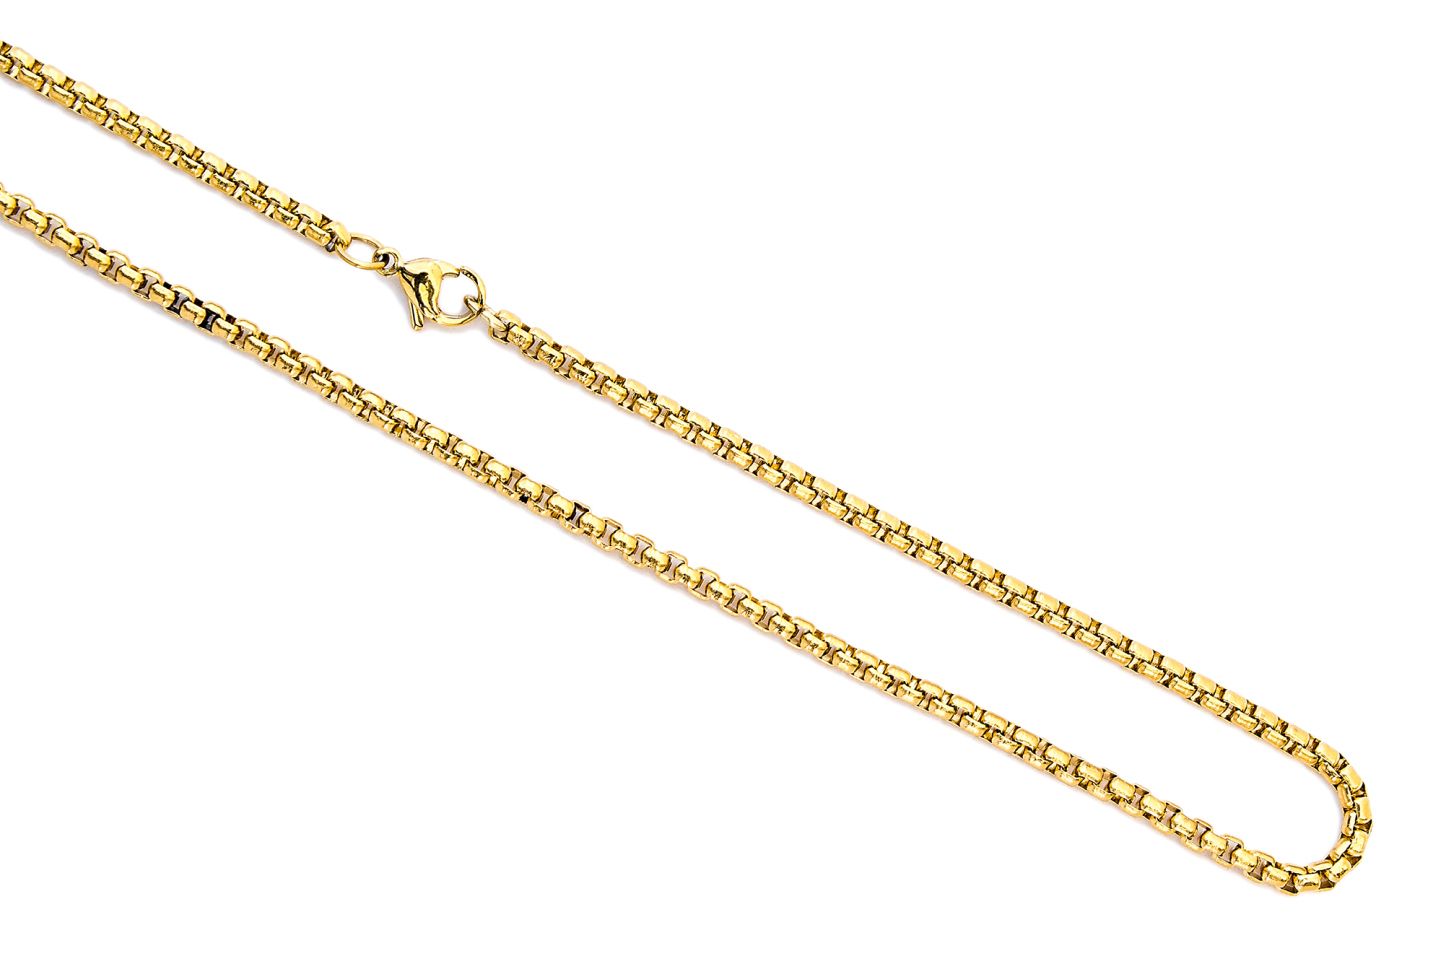 Sep 04, · Halsketten knoten, so dass man die Größe dann verstellen kann, geht ganz leicht. Im Video siehst du wie du mit zwei einfachen Knoten deine Kette eng oder weit aufsetzen kannst.